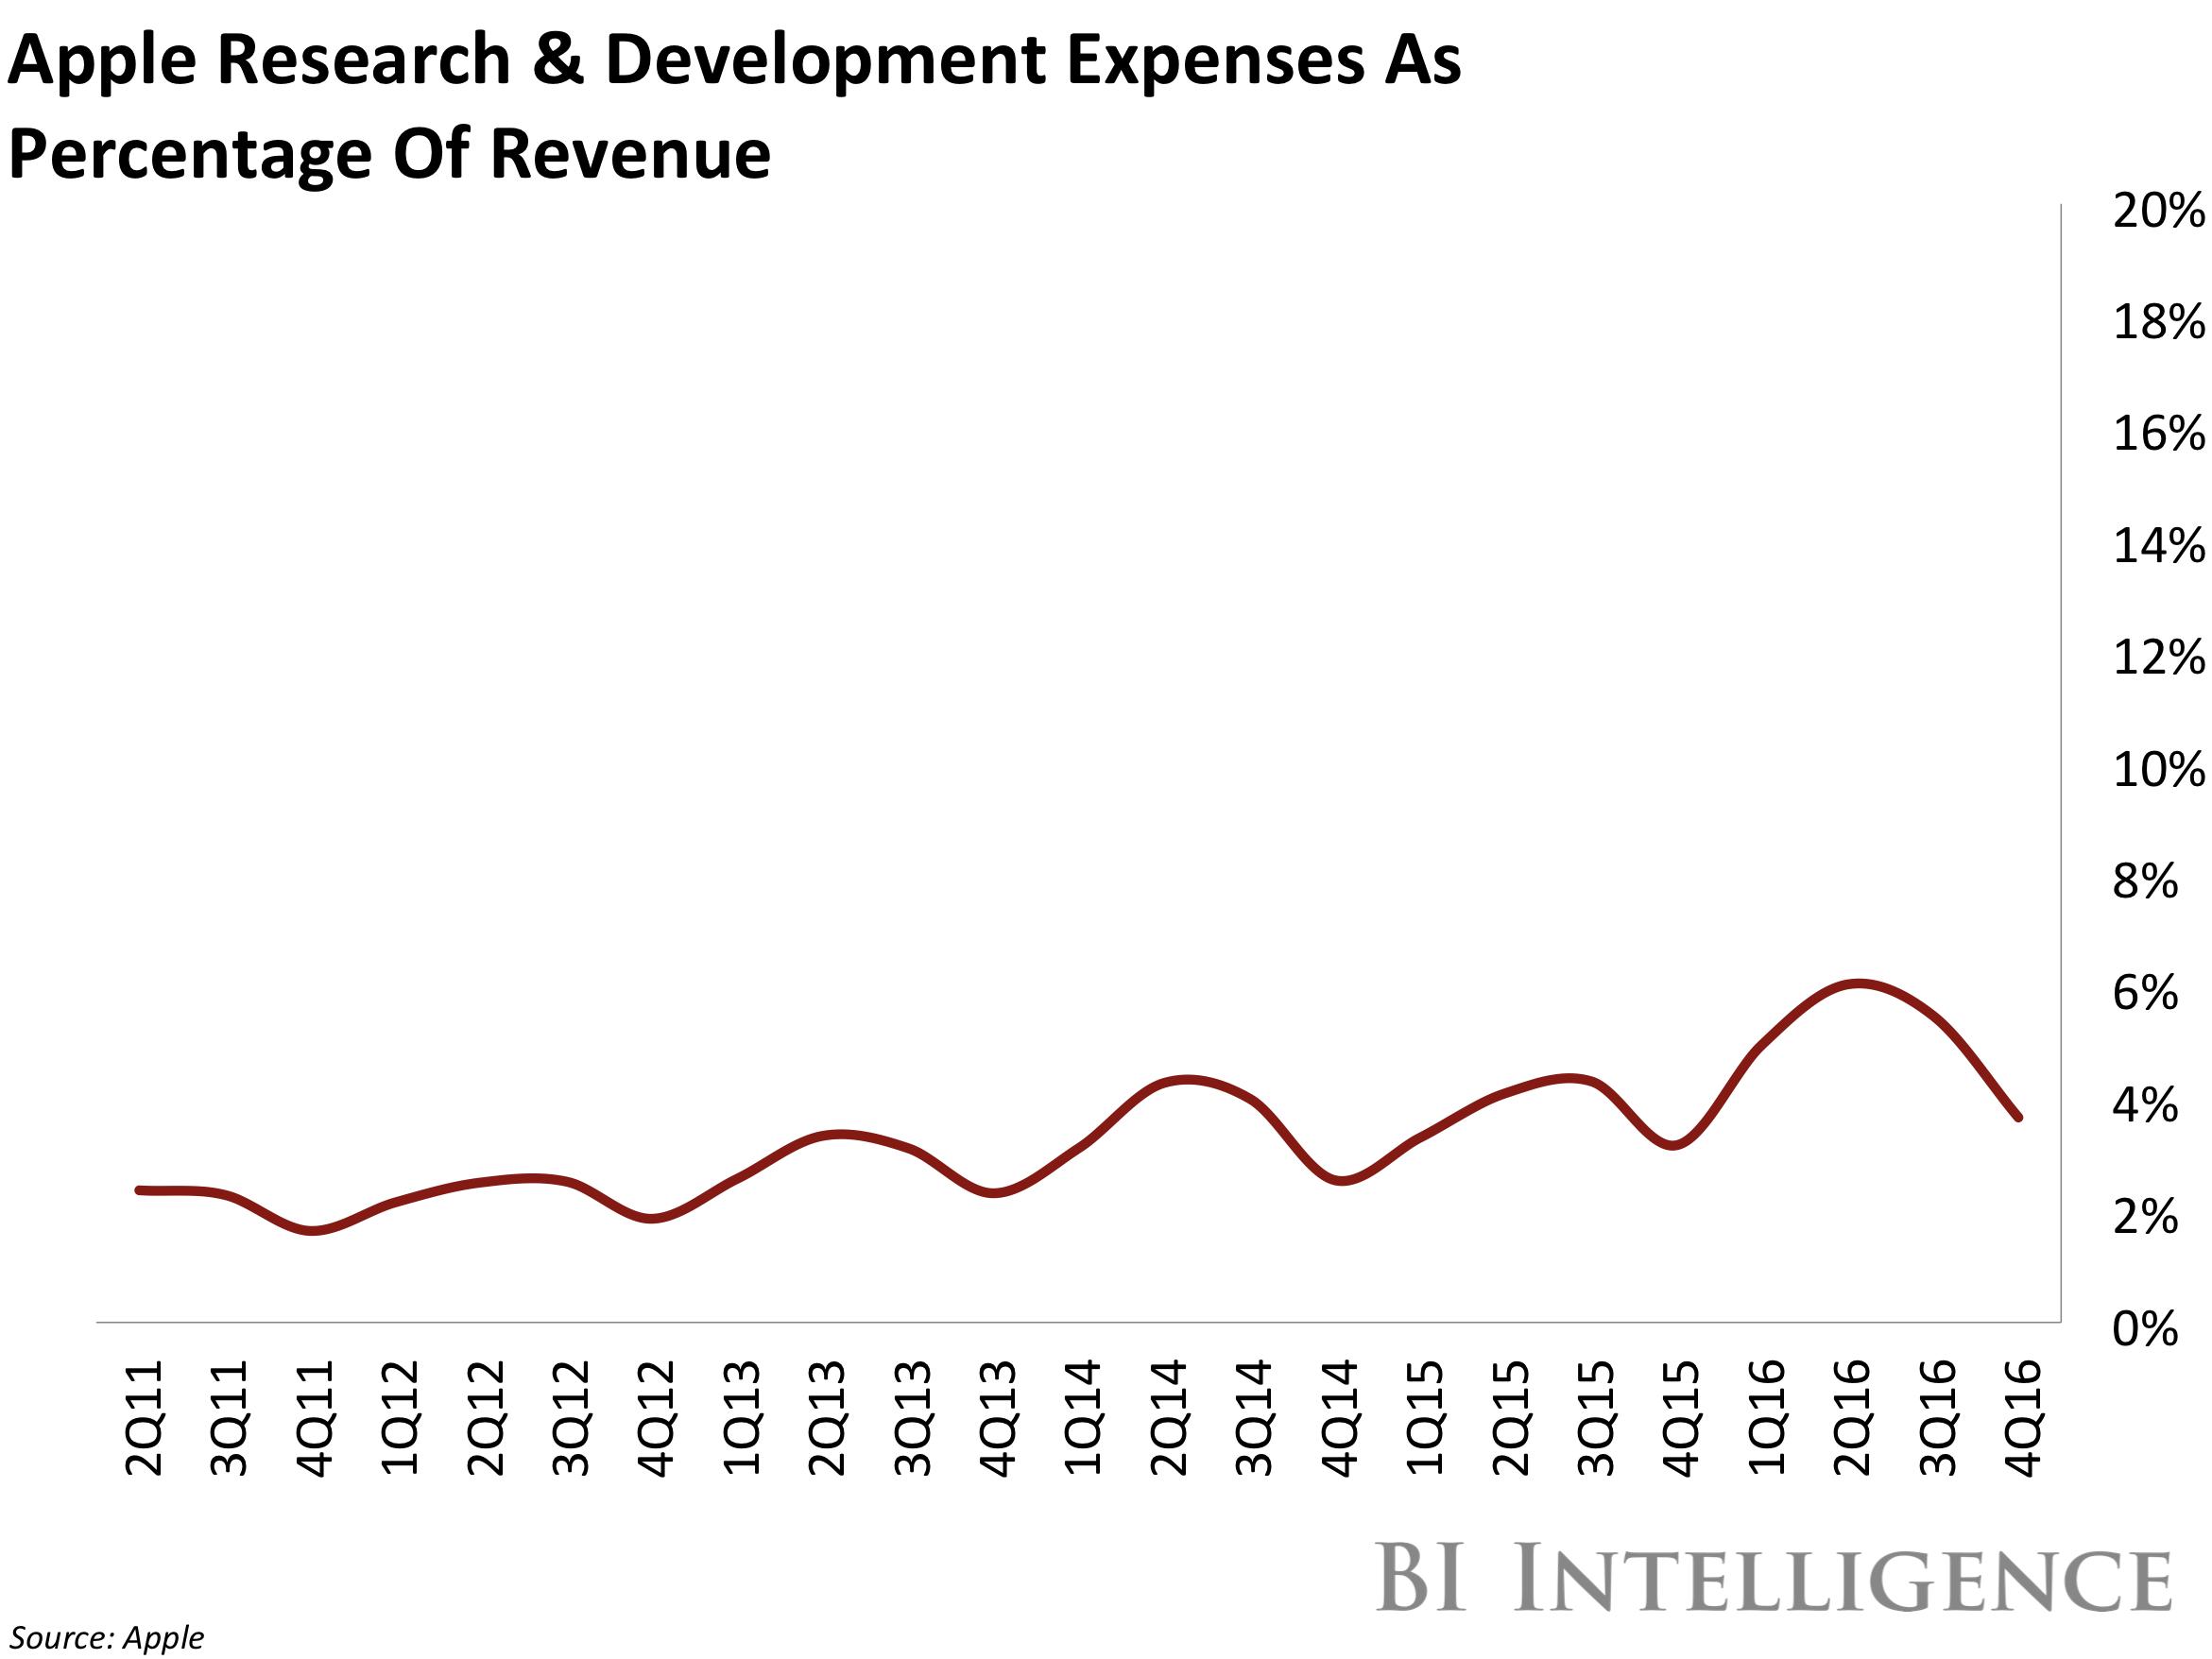 Gráfico: gastos da Apple com pesquisa e desenvolvimento em relação à receita